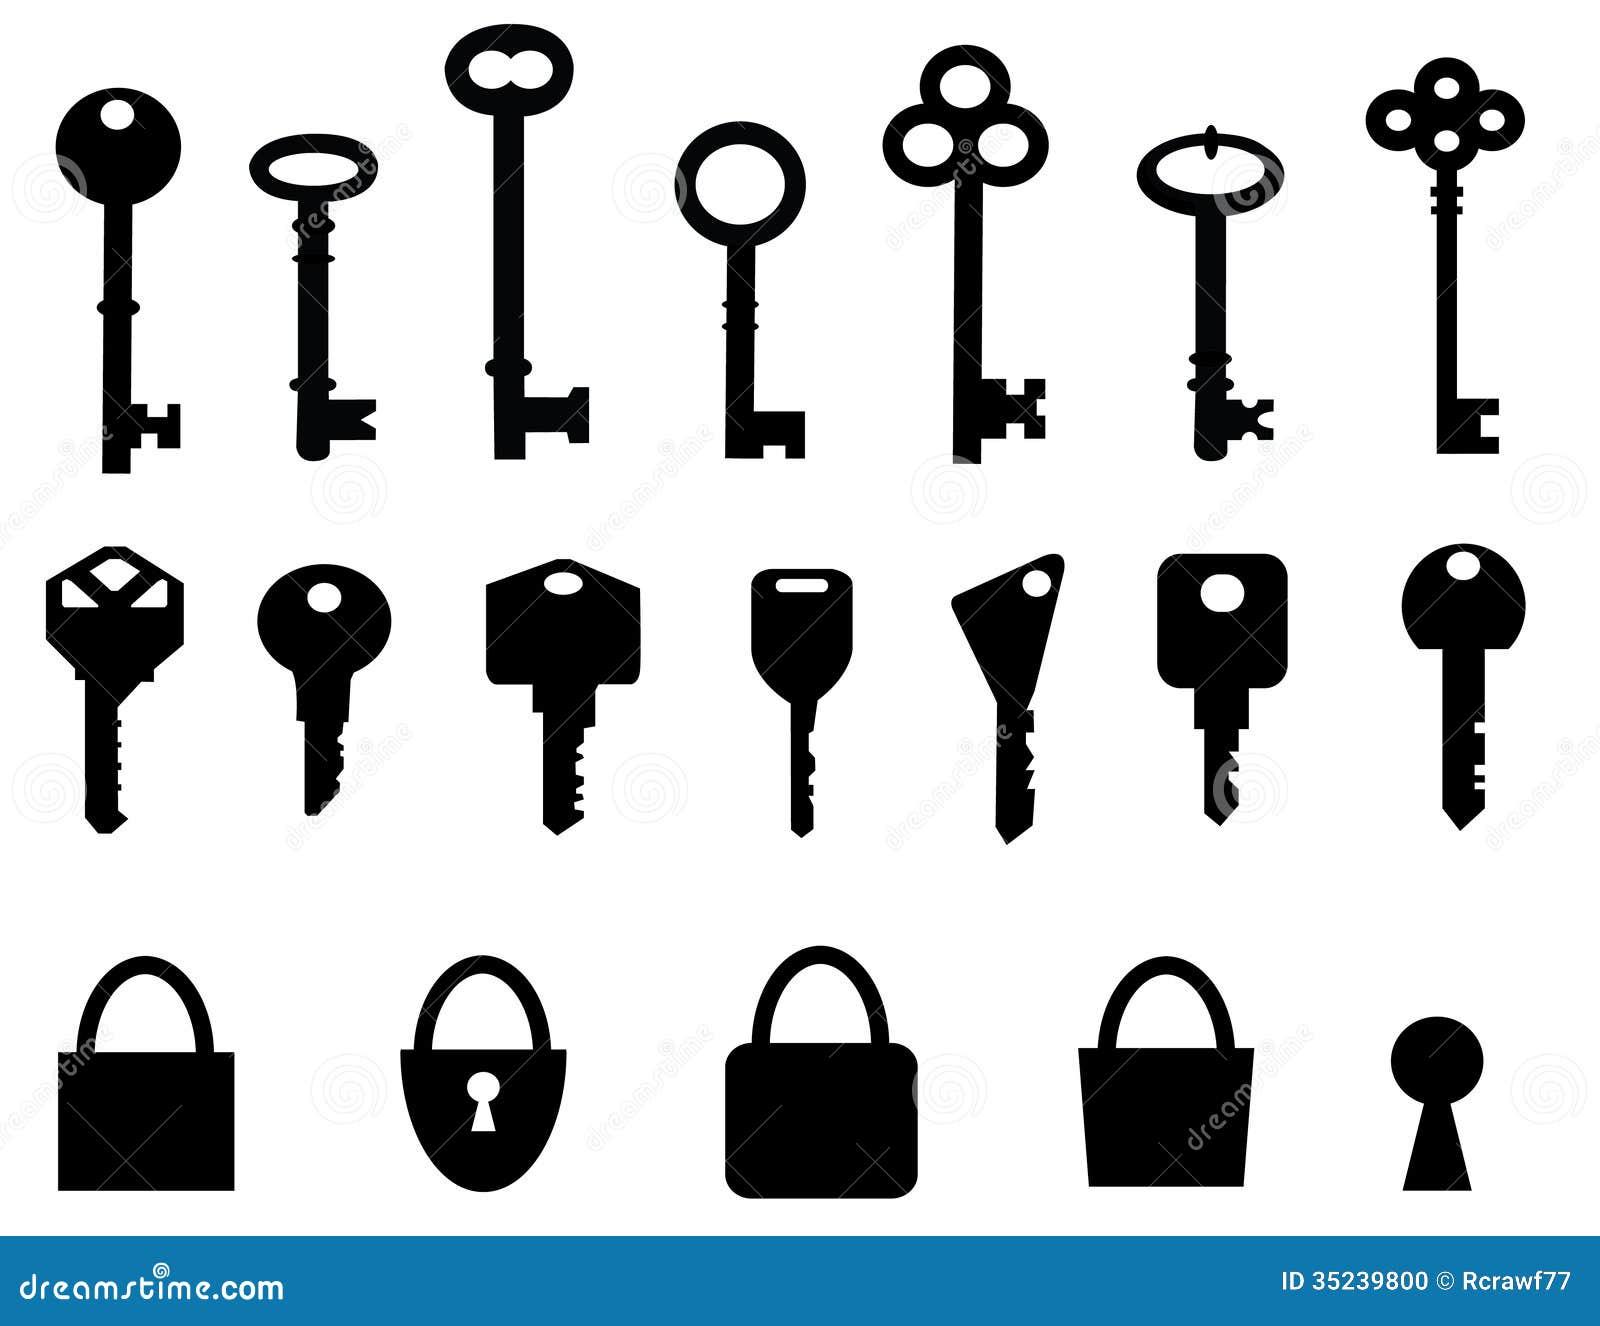 Keys Stock Photo - Image: 35239800